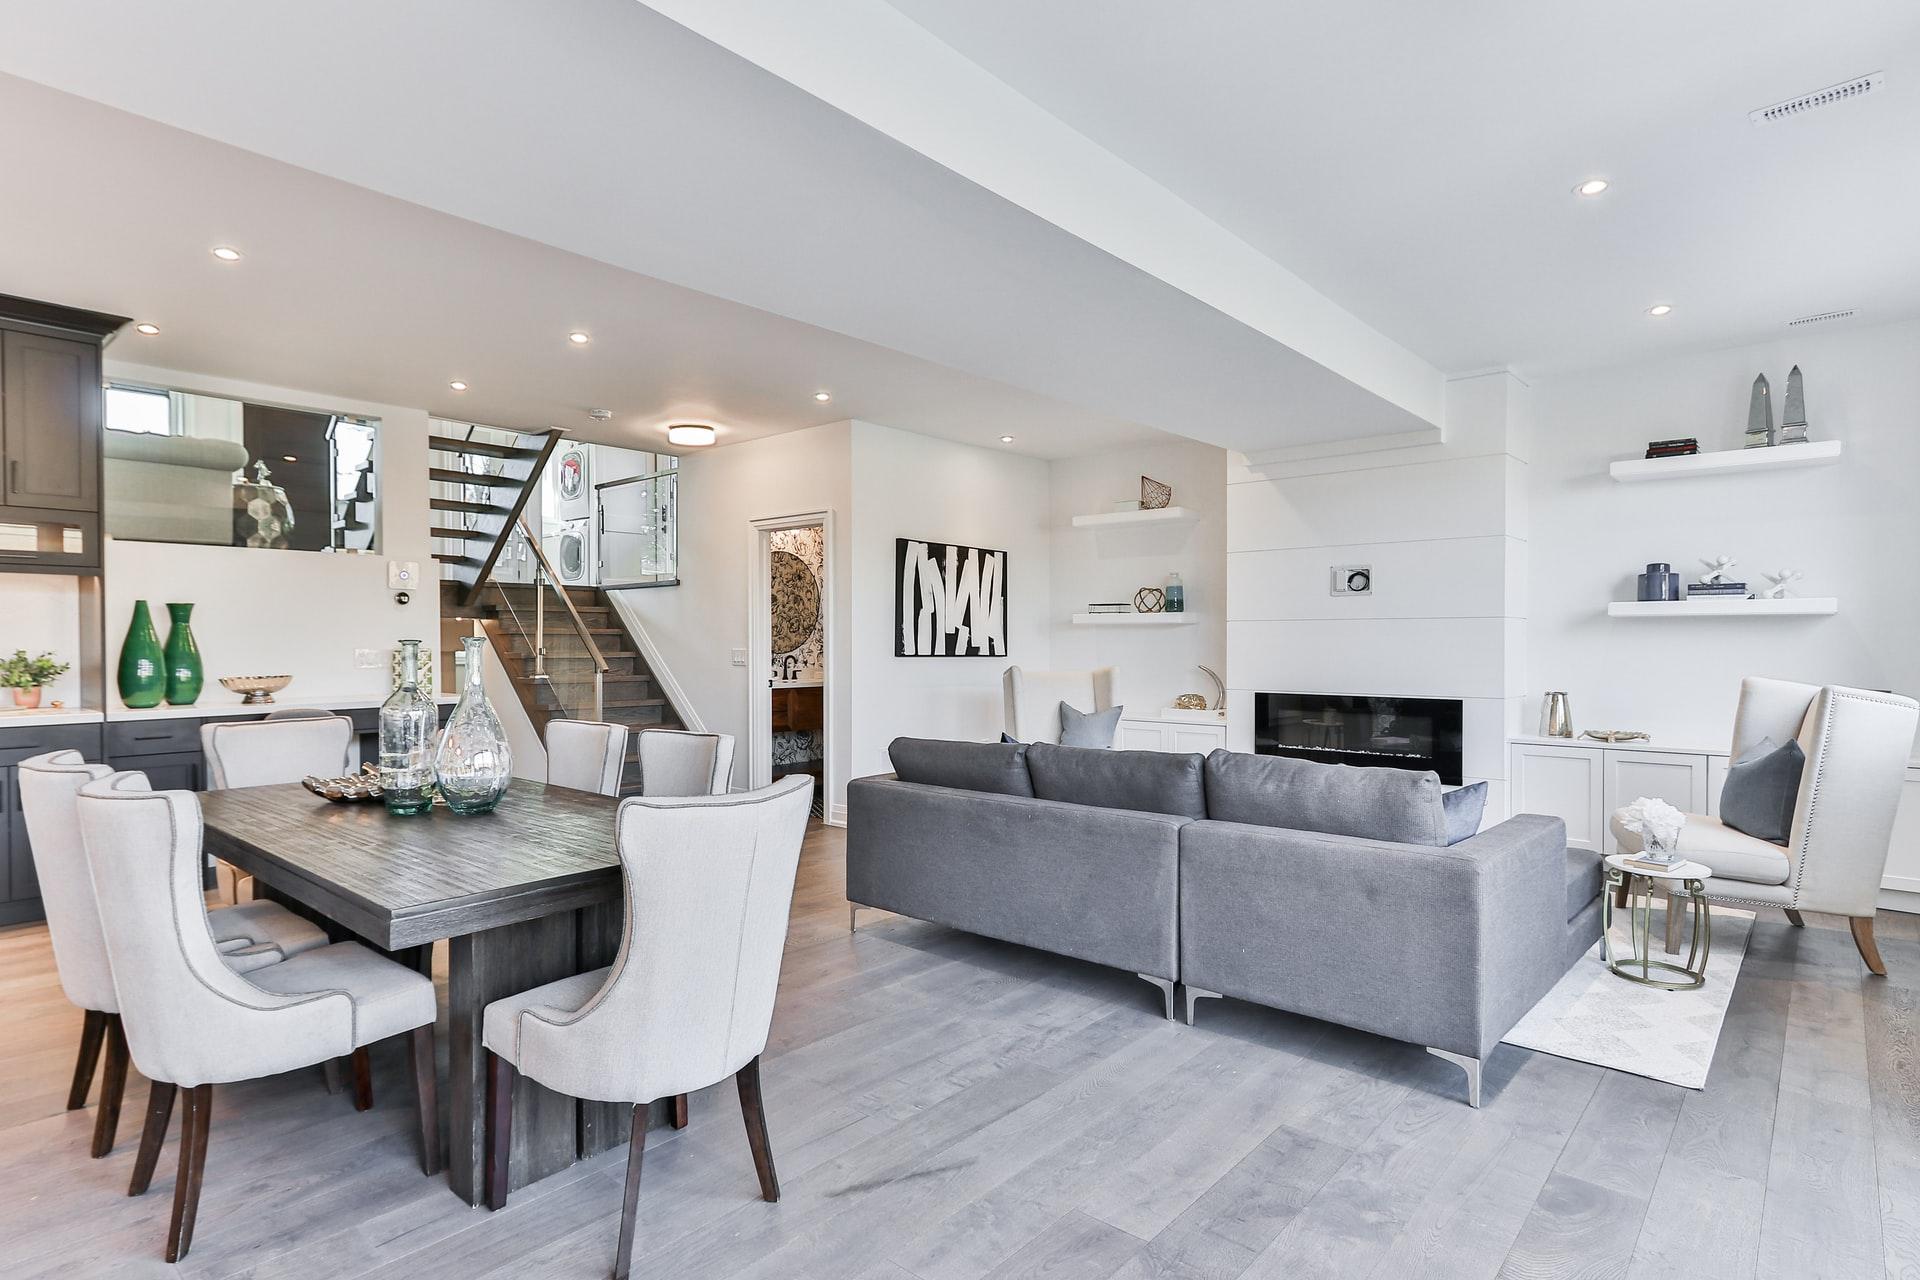 Как да освежим дневната чрез мека мебел, съвети от Aiko XXXL